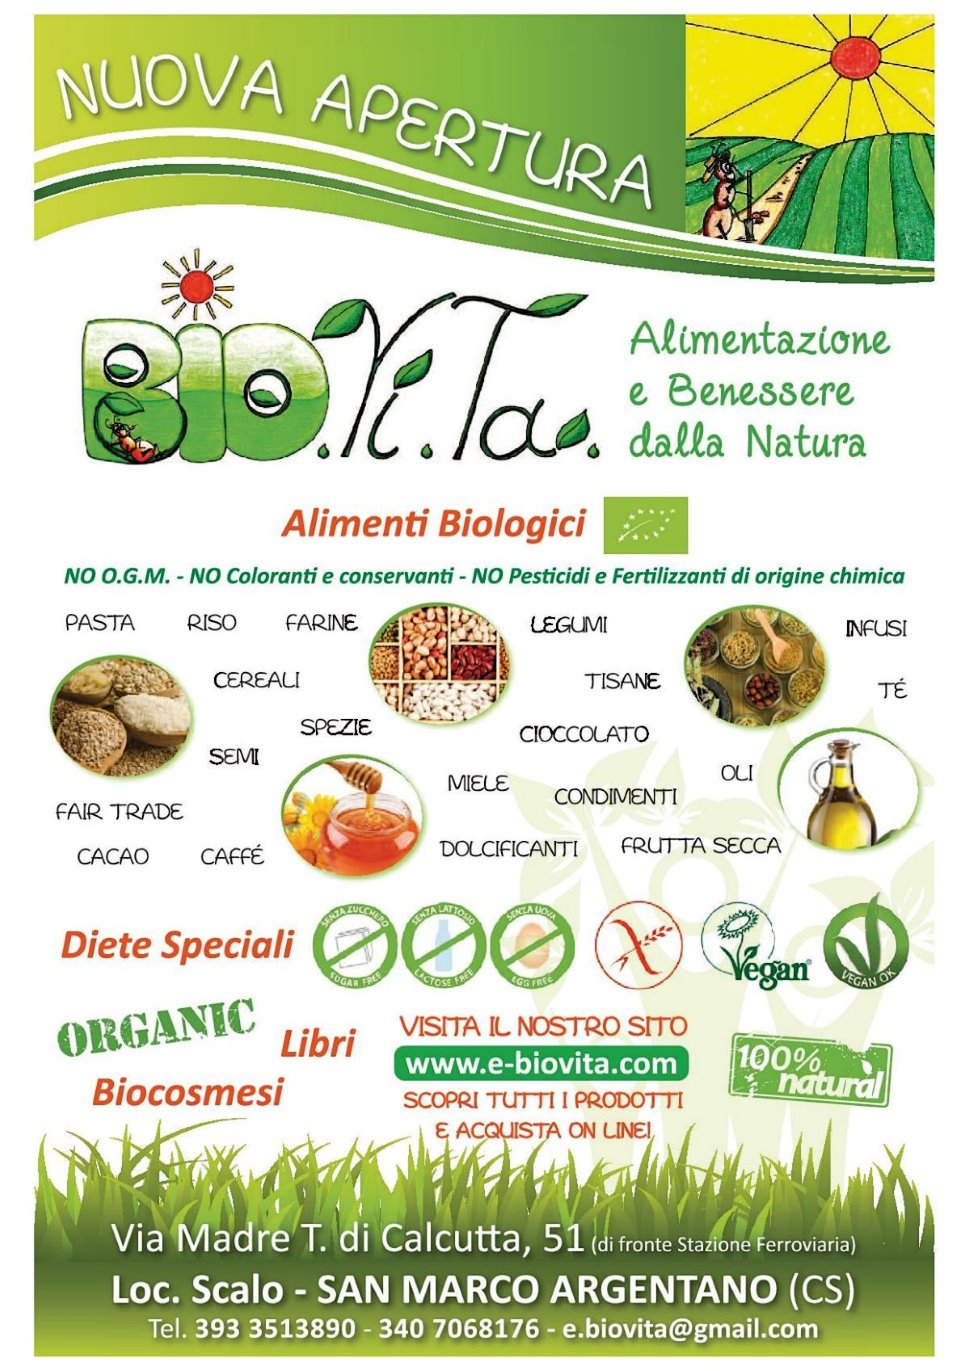 Negozio Biologico - Diete Speciali - Biocosmesi